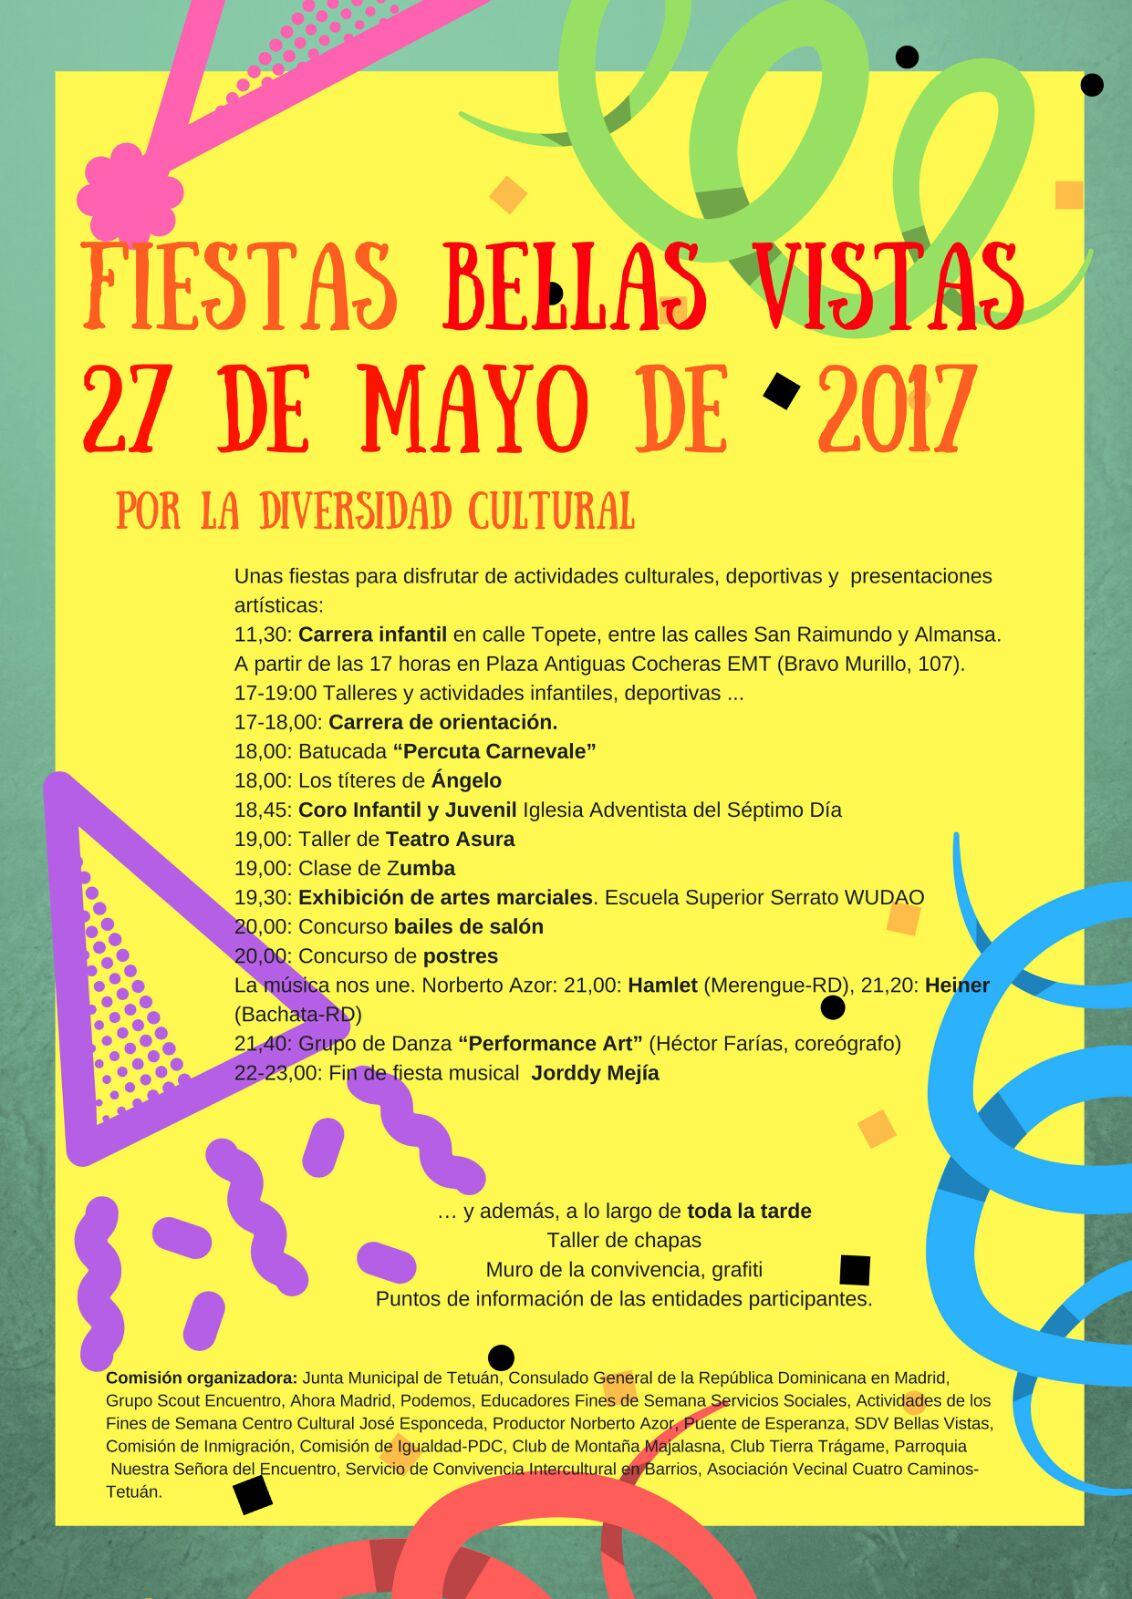 27 mayo Fiestas de Bellas Vistas en Tetuán